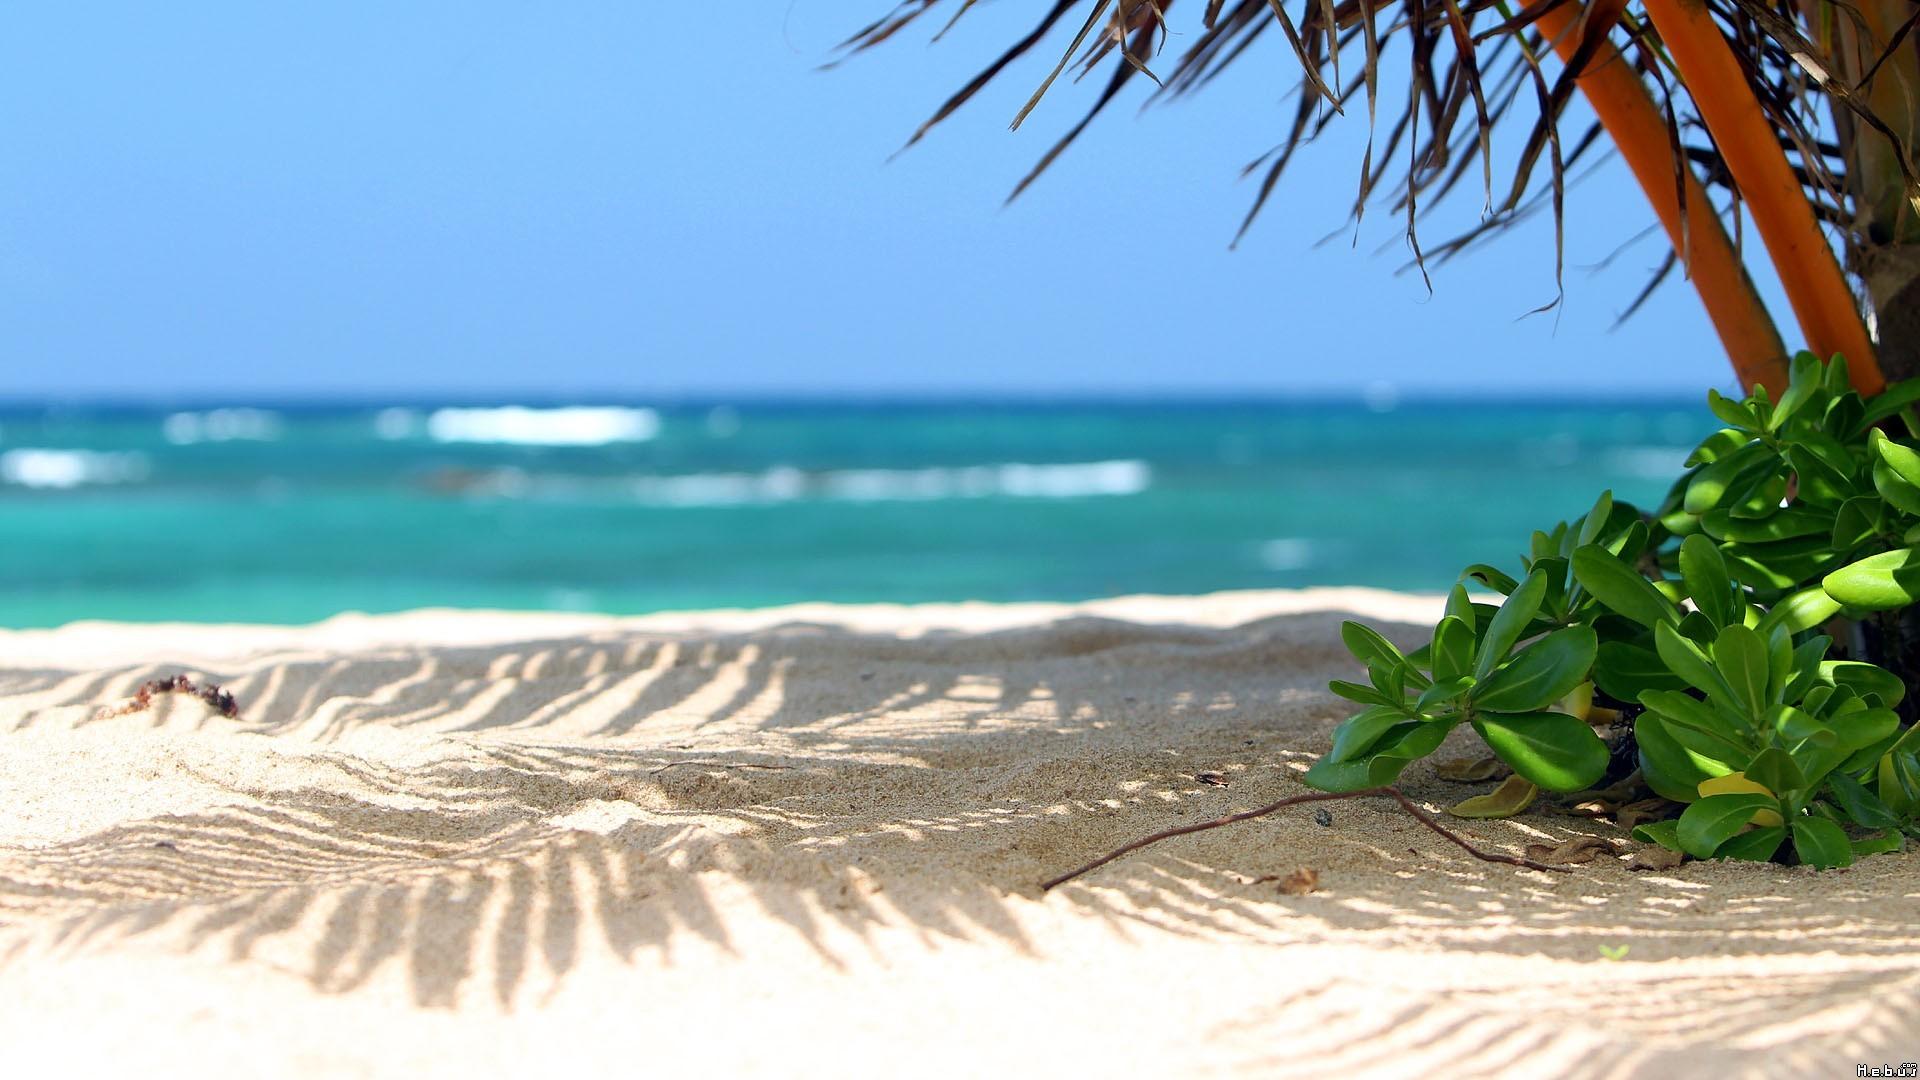 beautiful-beach-scenery-1.jpg (1920×1080)   Scenery Board   Pinterest    Wallpaper and Hd desktop